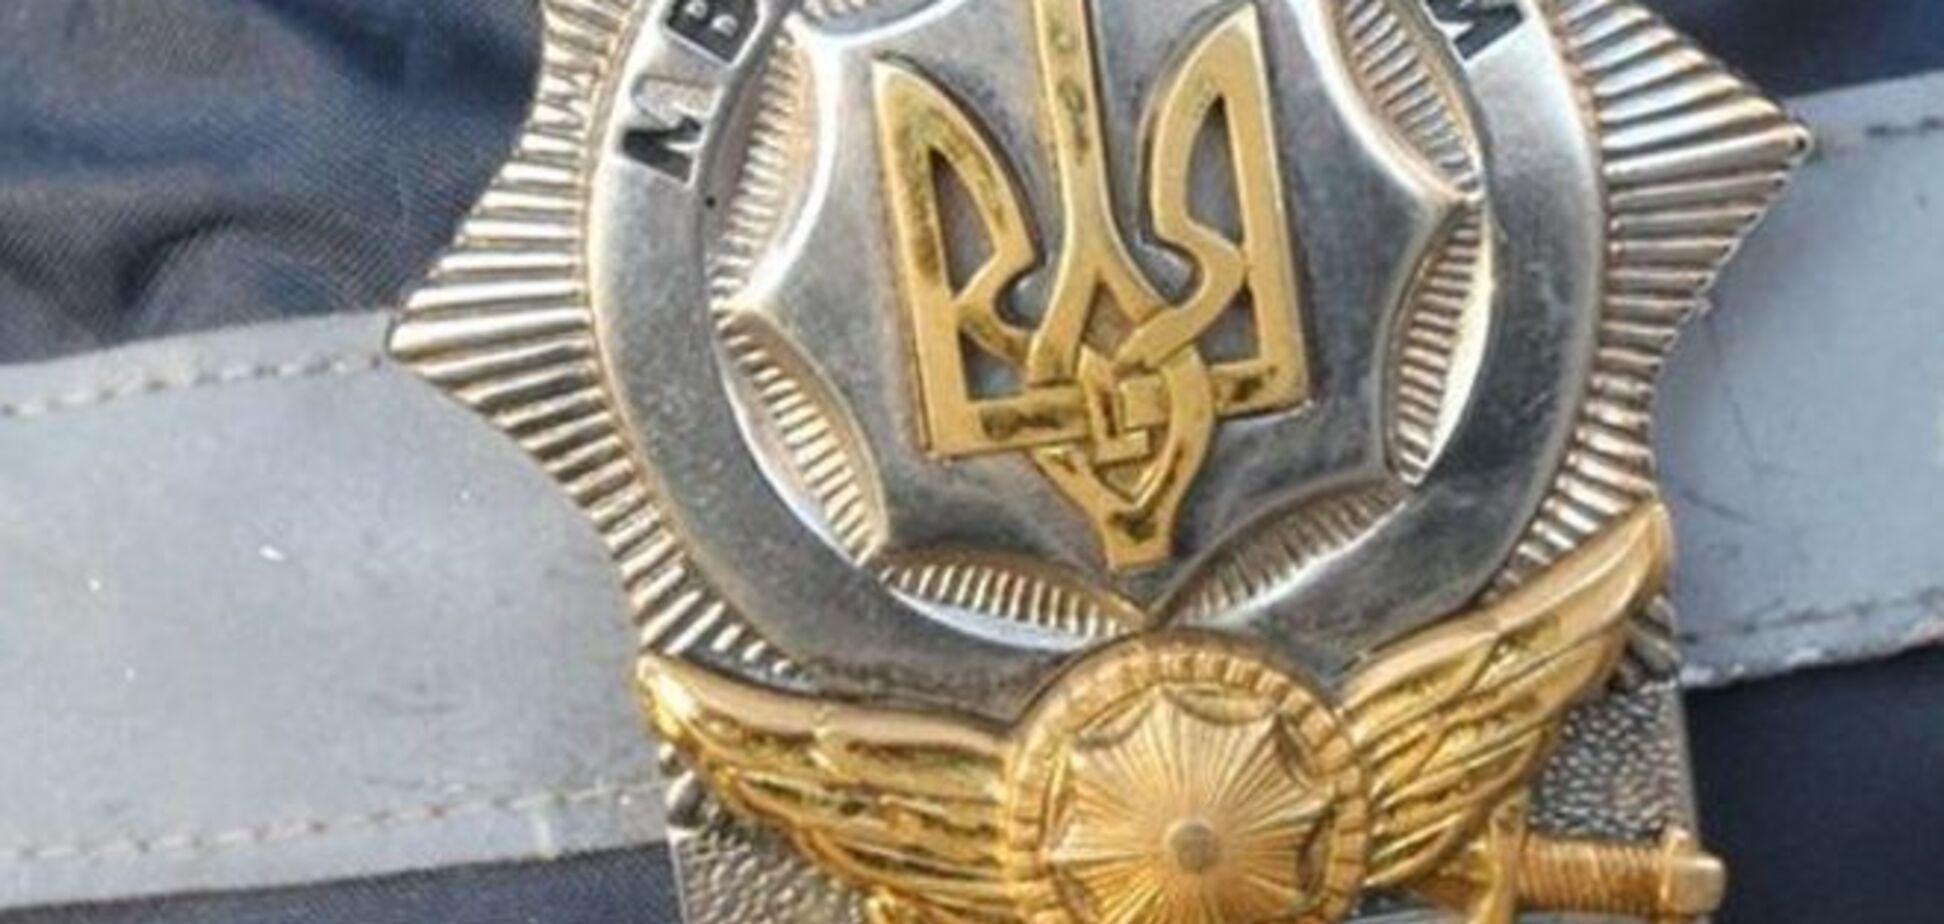 Обыск в главном управлении ГАИ Киева длился восемь часов: нашли 'то, что искали'